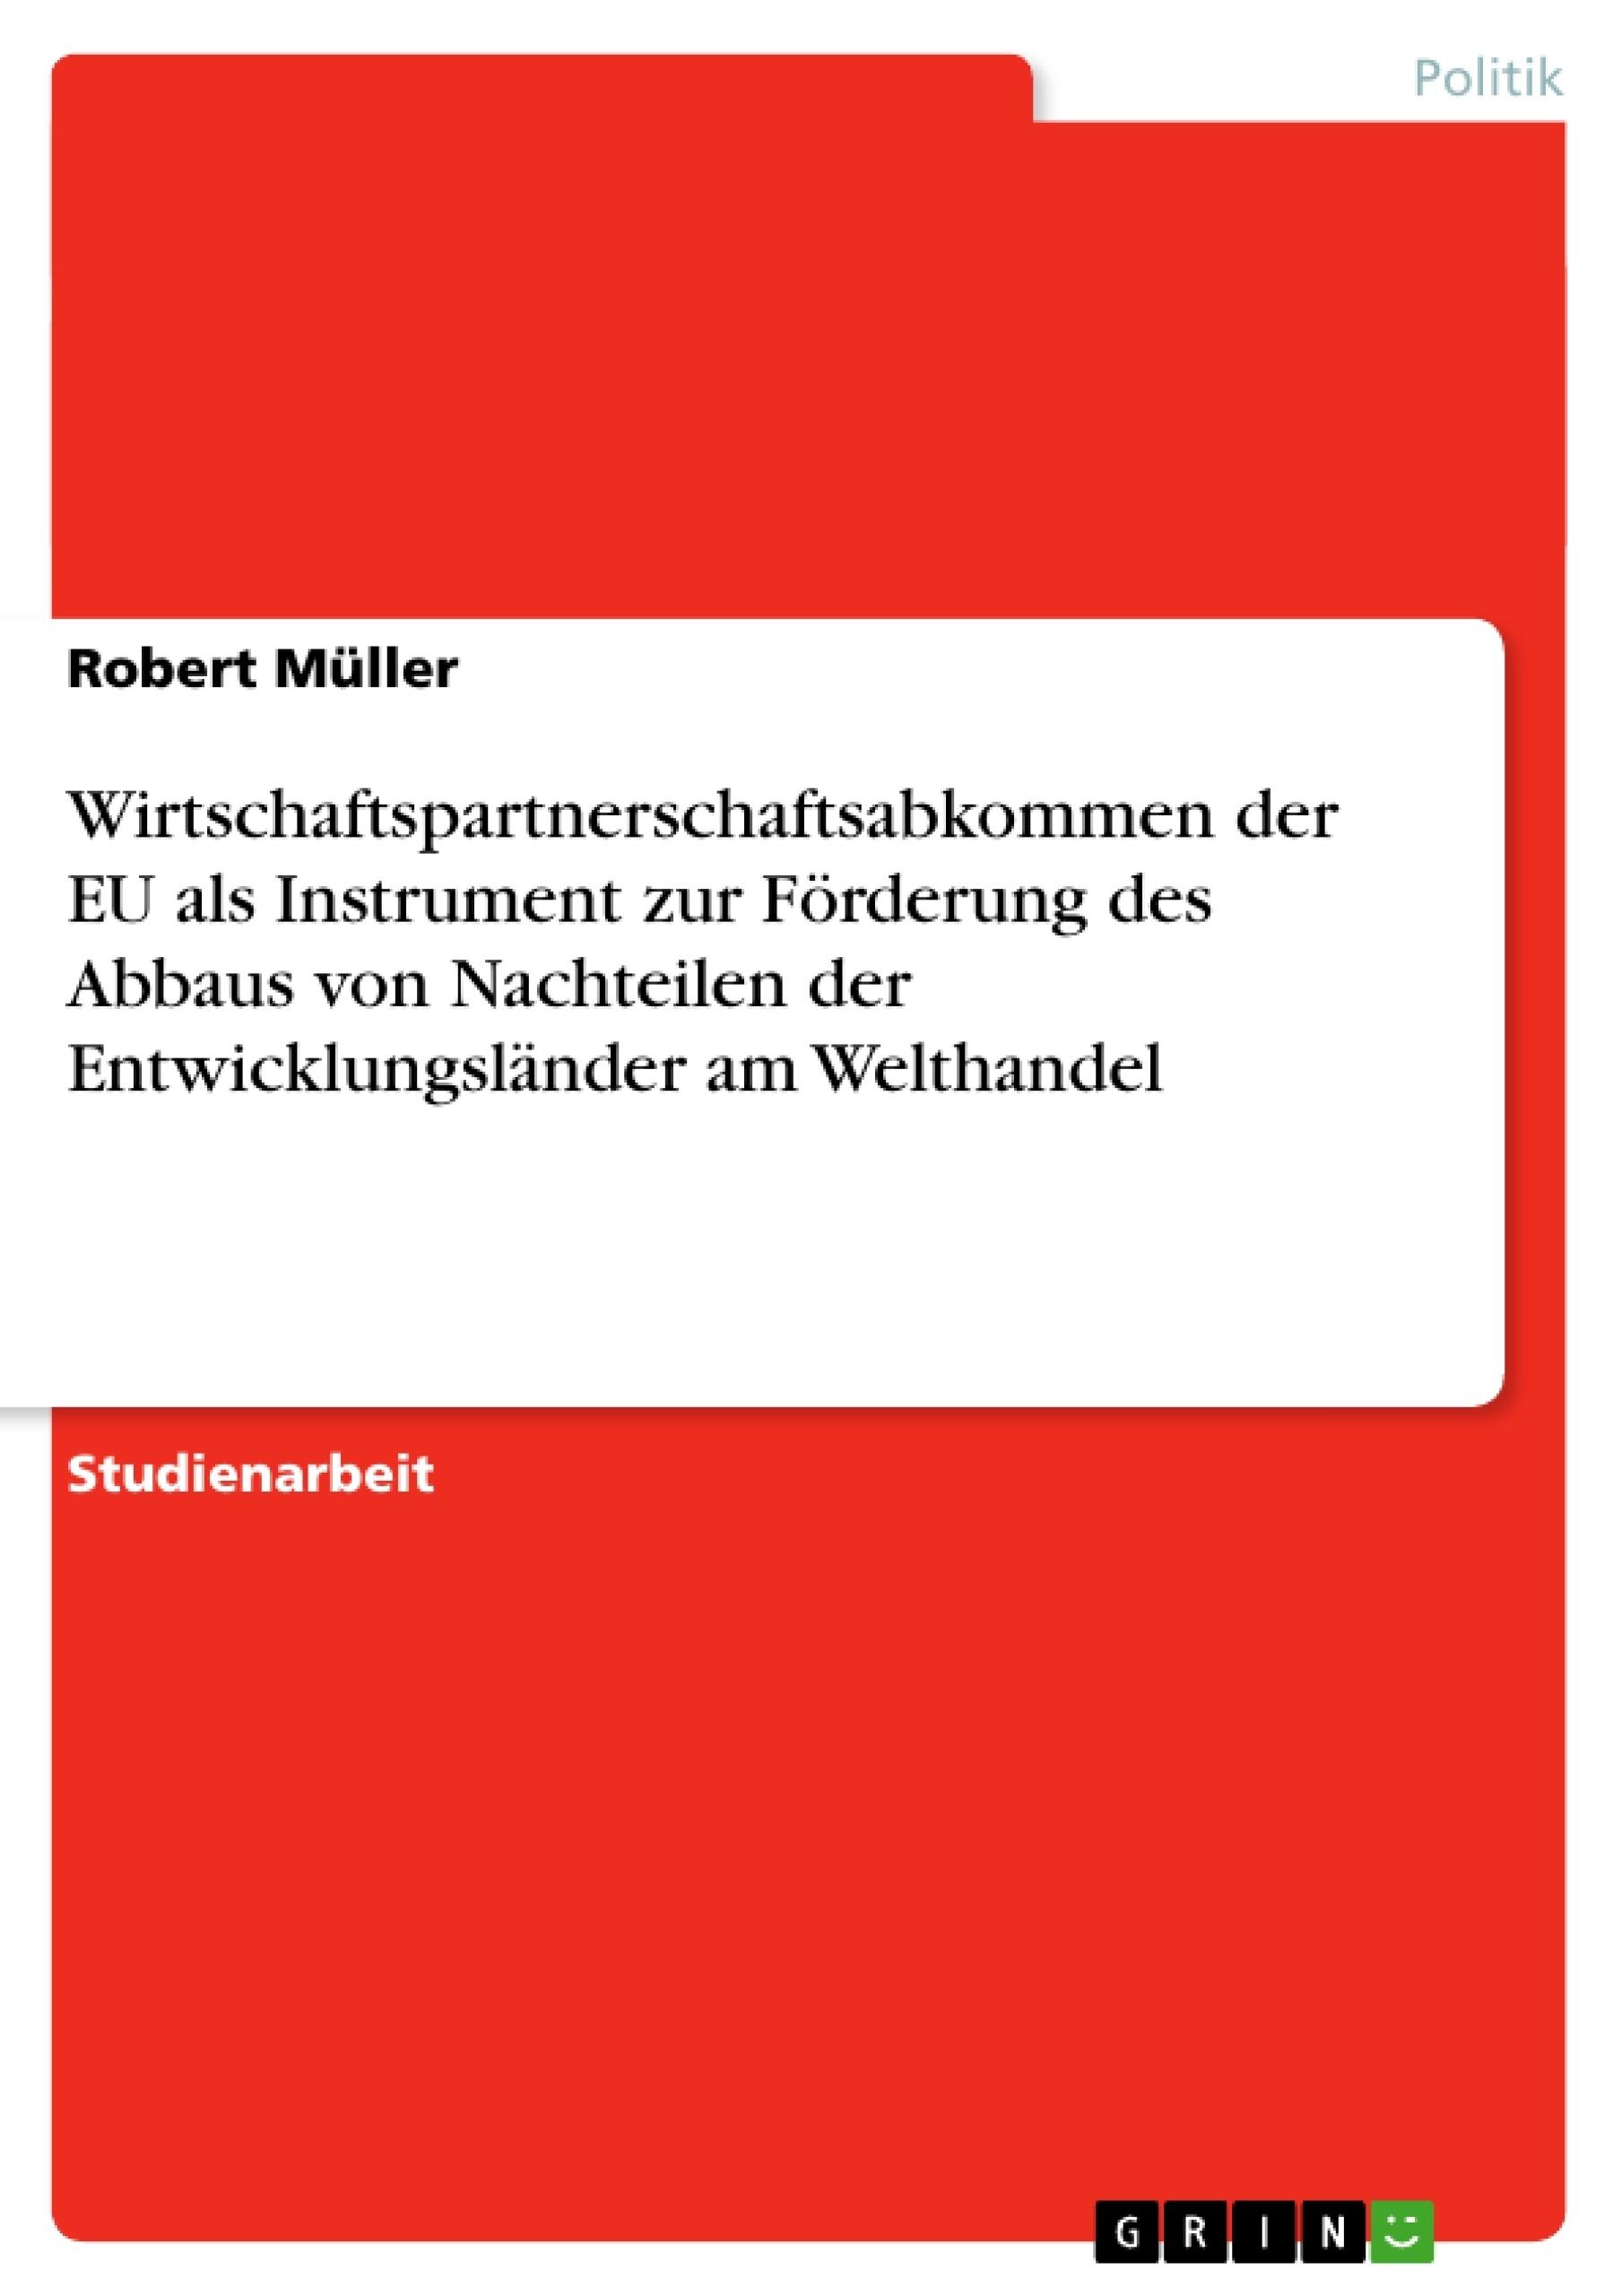 Titel: Wirtschaftspartnerschaftsabkommen der EU als Instrument zur Förderung des Abbaus von Nachteilen der Entwicklungsländer am Welthandel